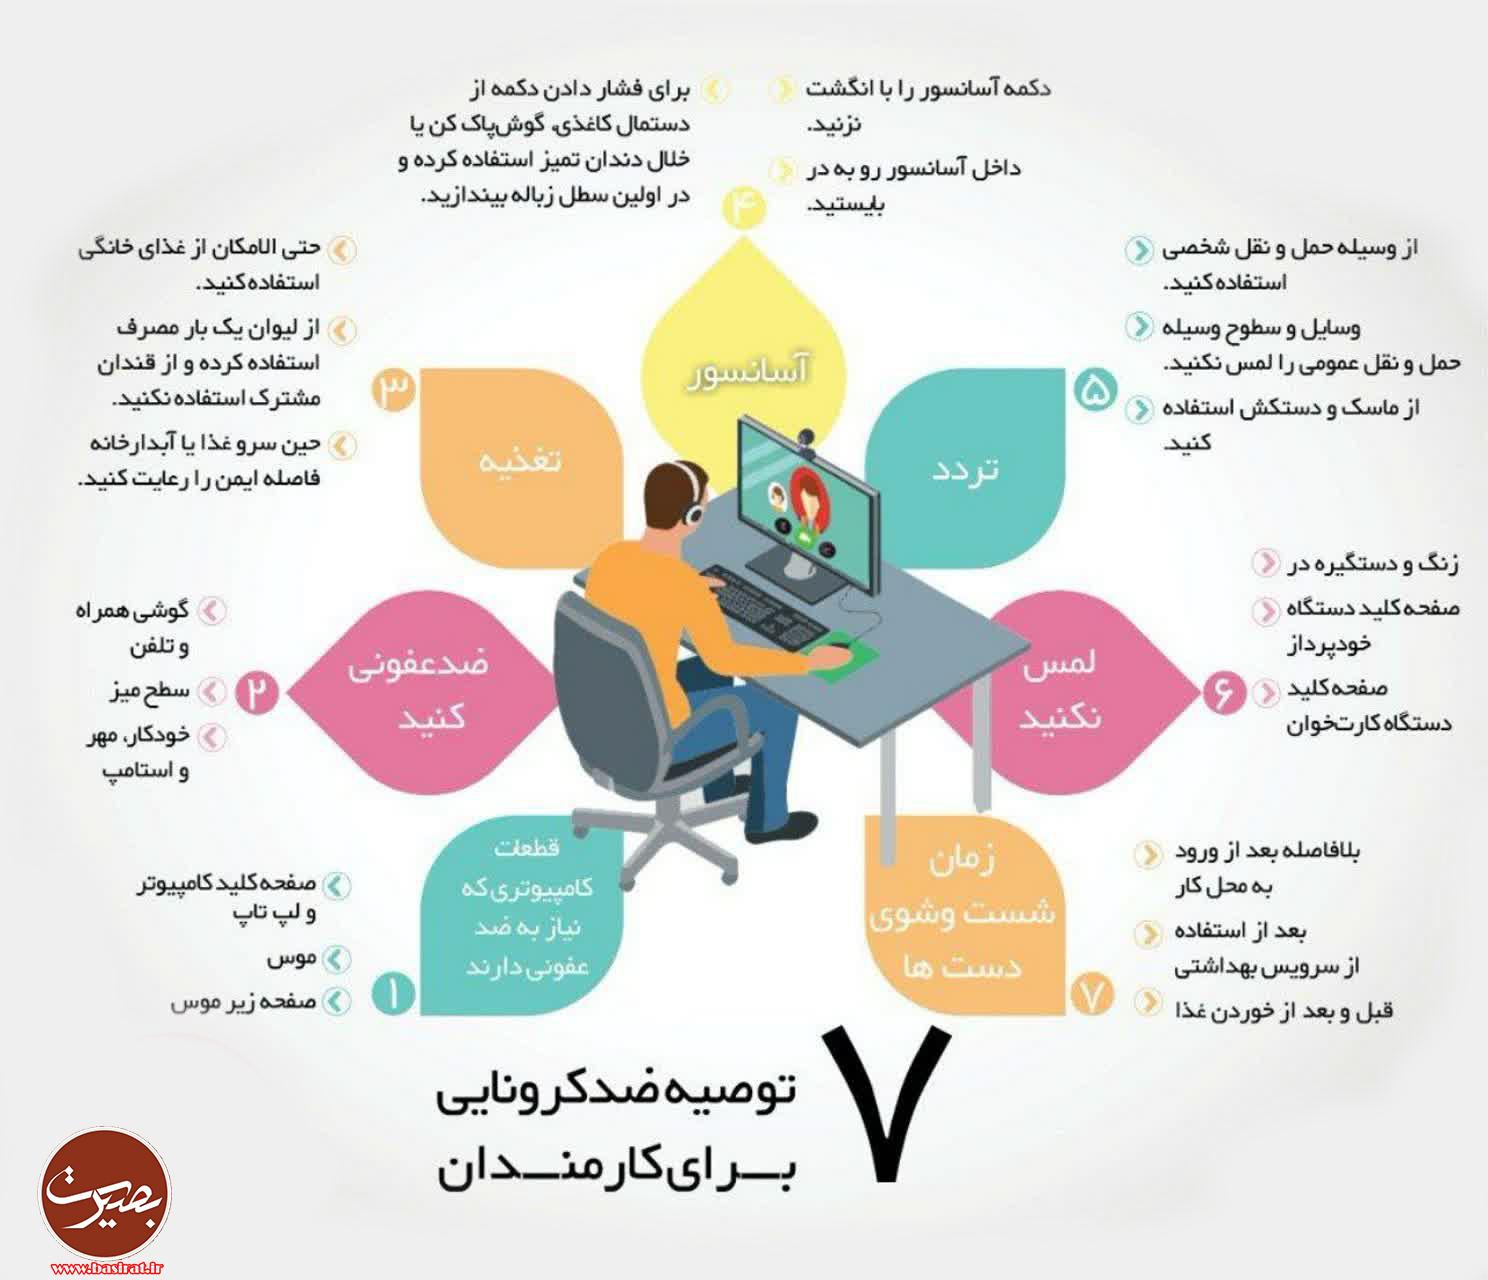 توصیه های ضد کرونایی برای کارمندان / اینفوگرافی